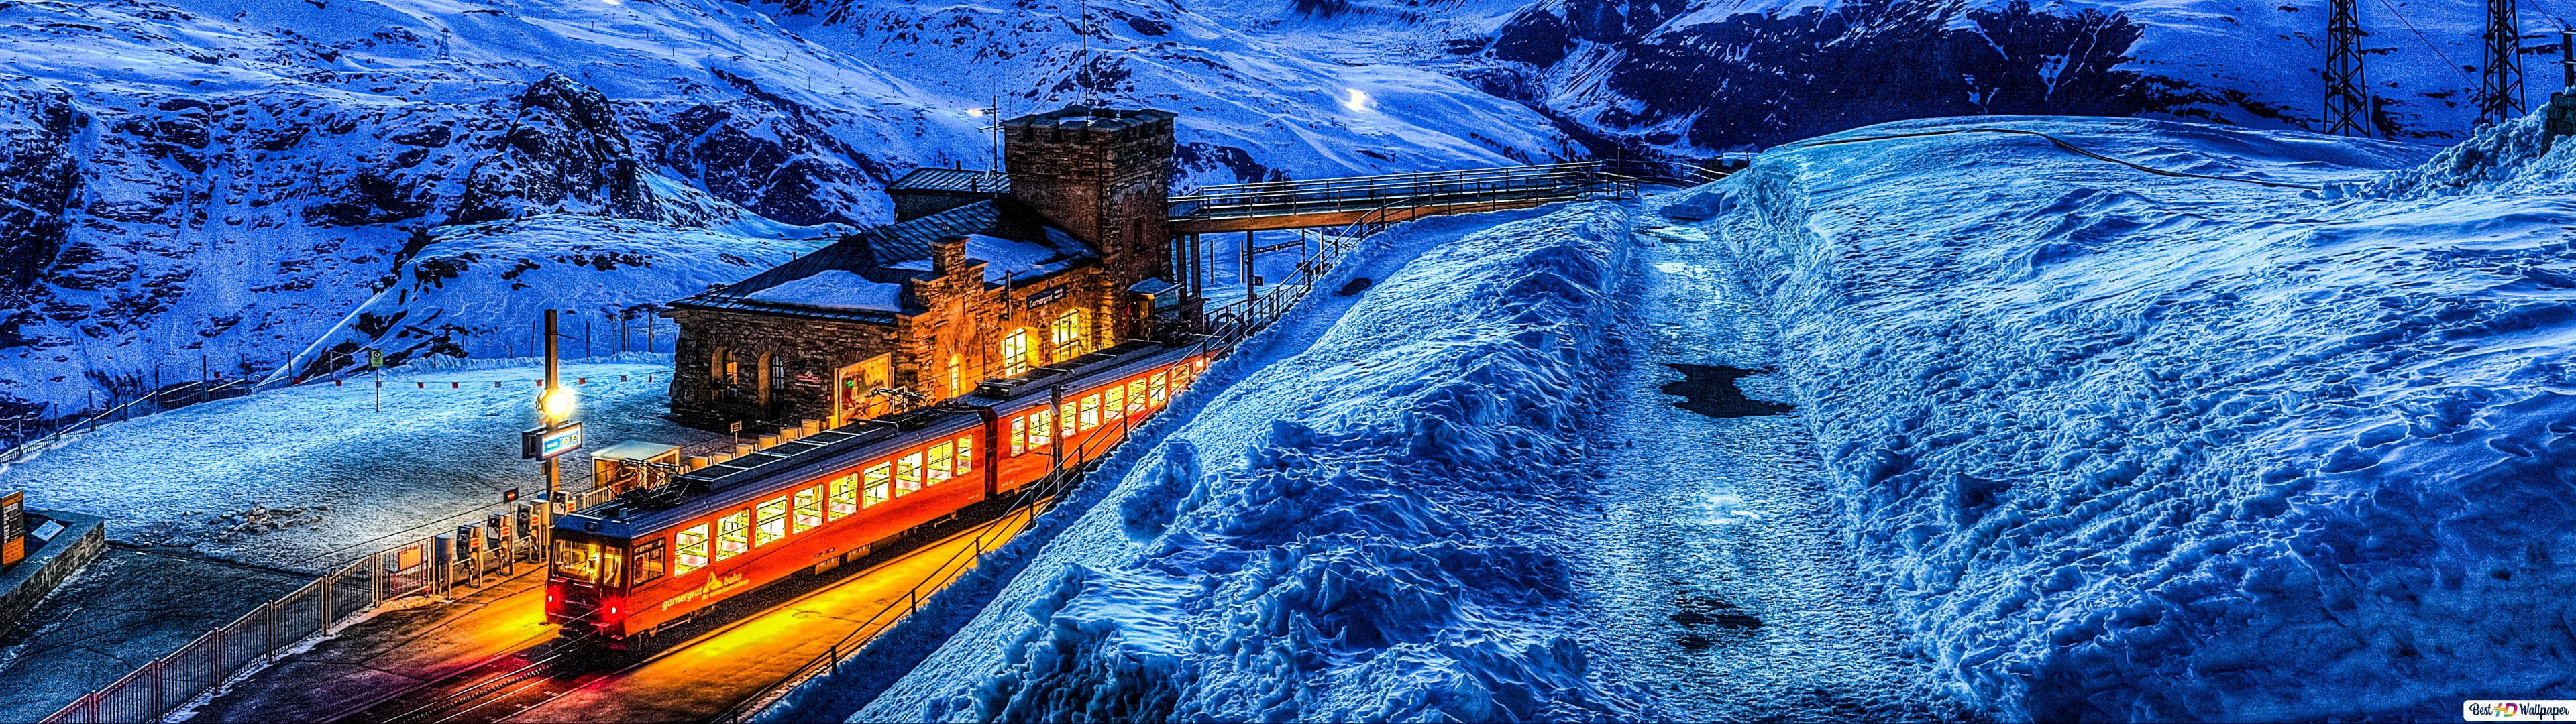 スイスのマッターホルンによる列車 Hd壁紙のダウンロード